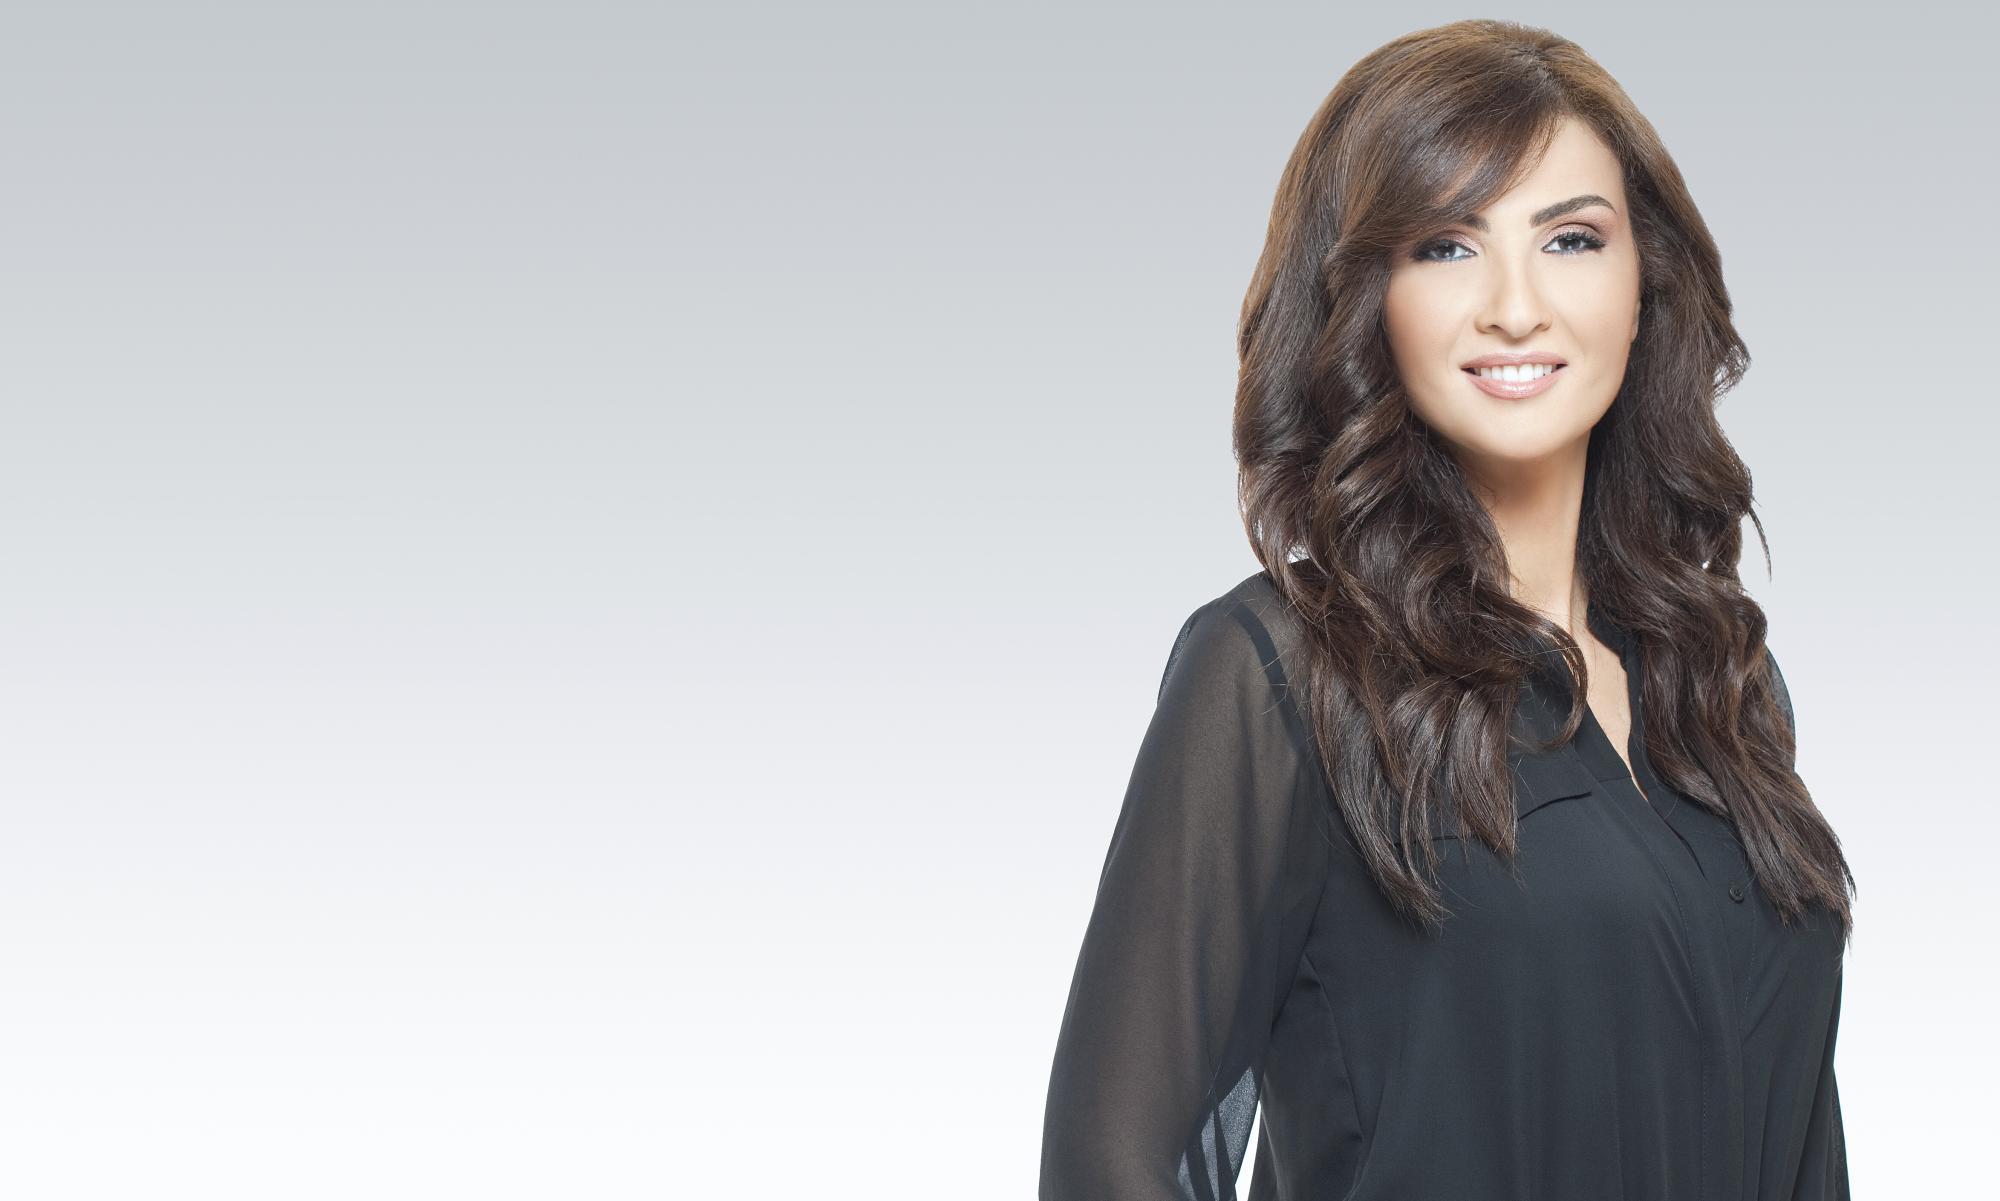 Lebanese TV host Rima Karaki: I don't feel like a hero, it was self-respect